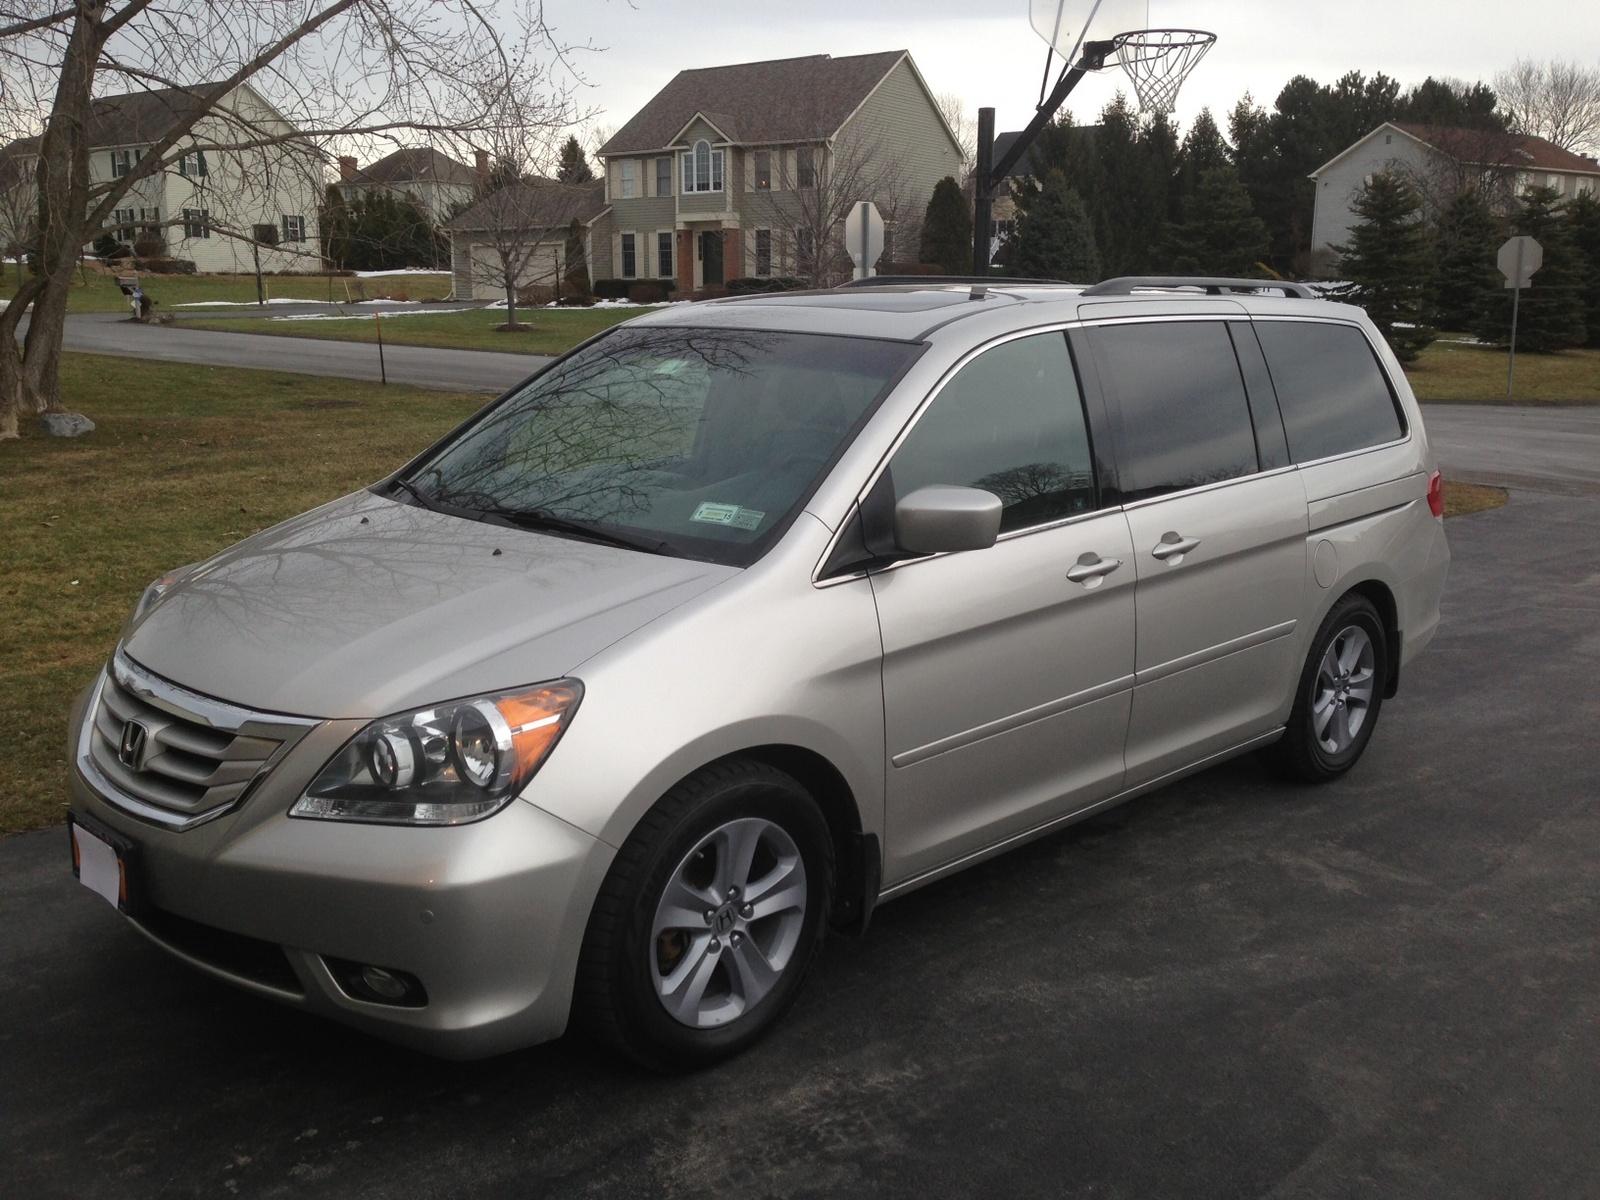 2008 Honda Odyssey Pictures Cargurus